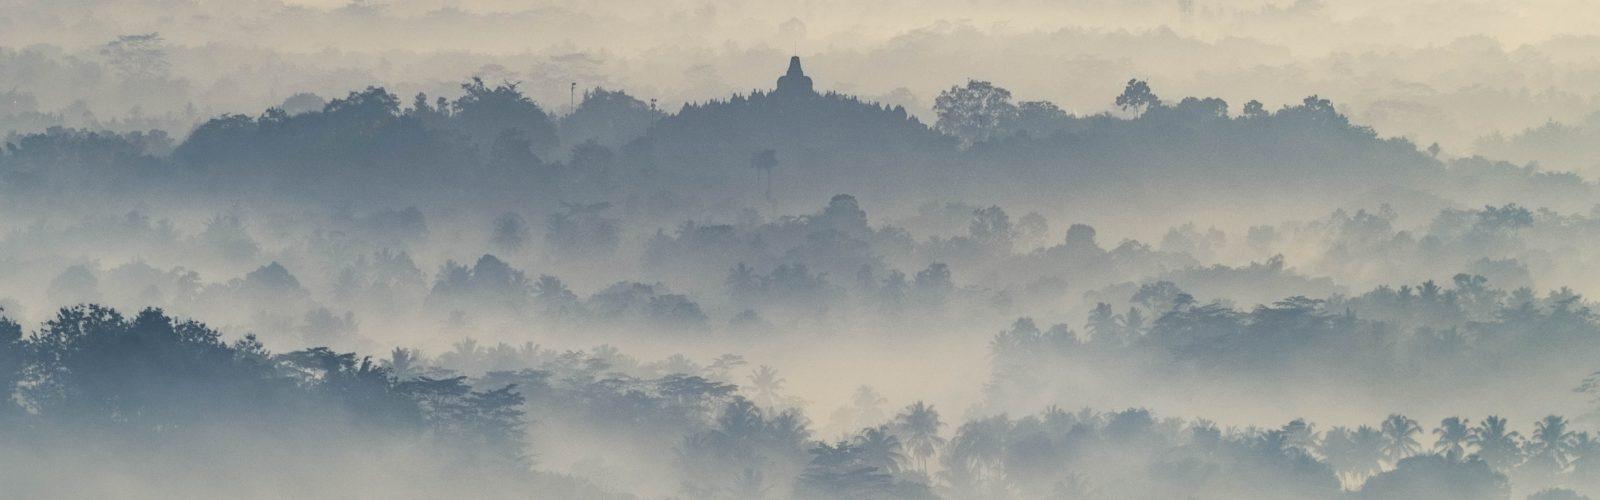 Landscape Borobudur Indonesia